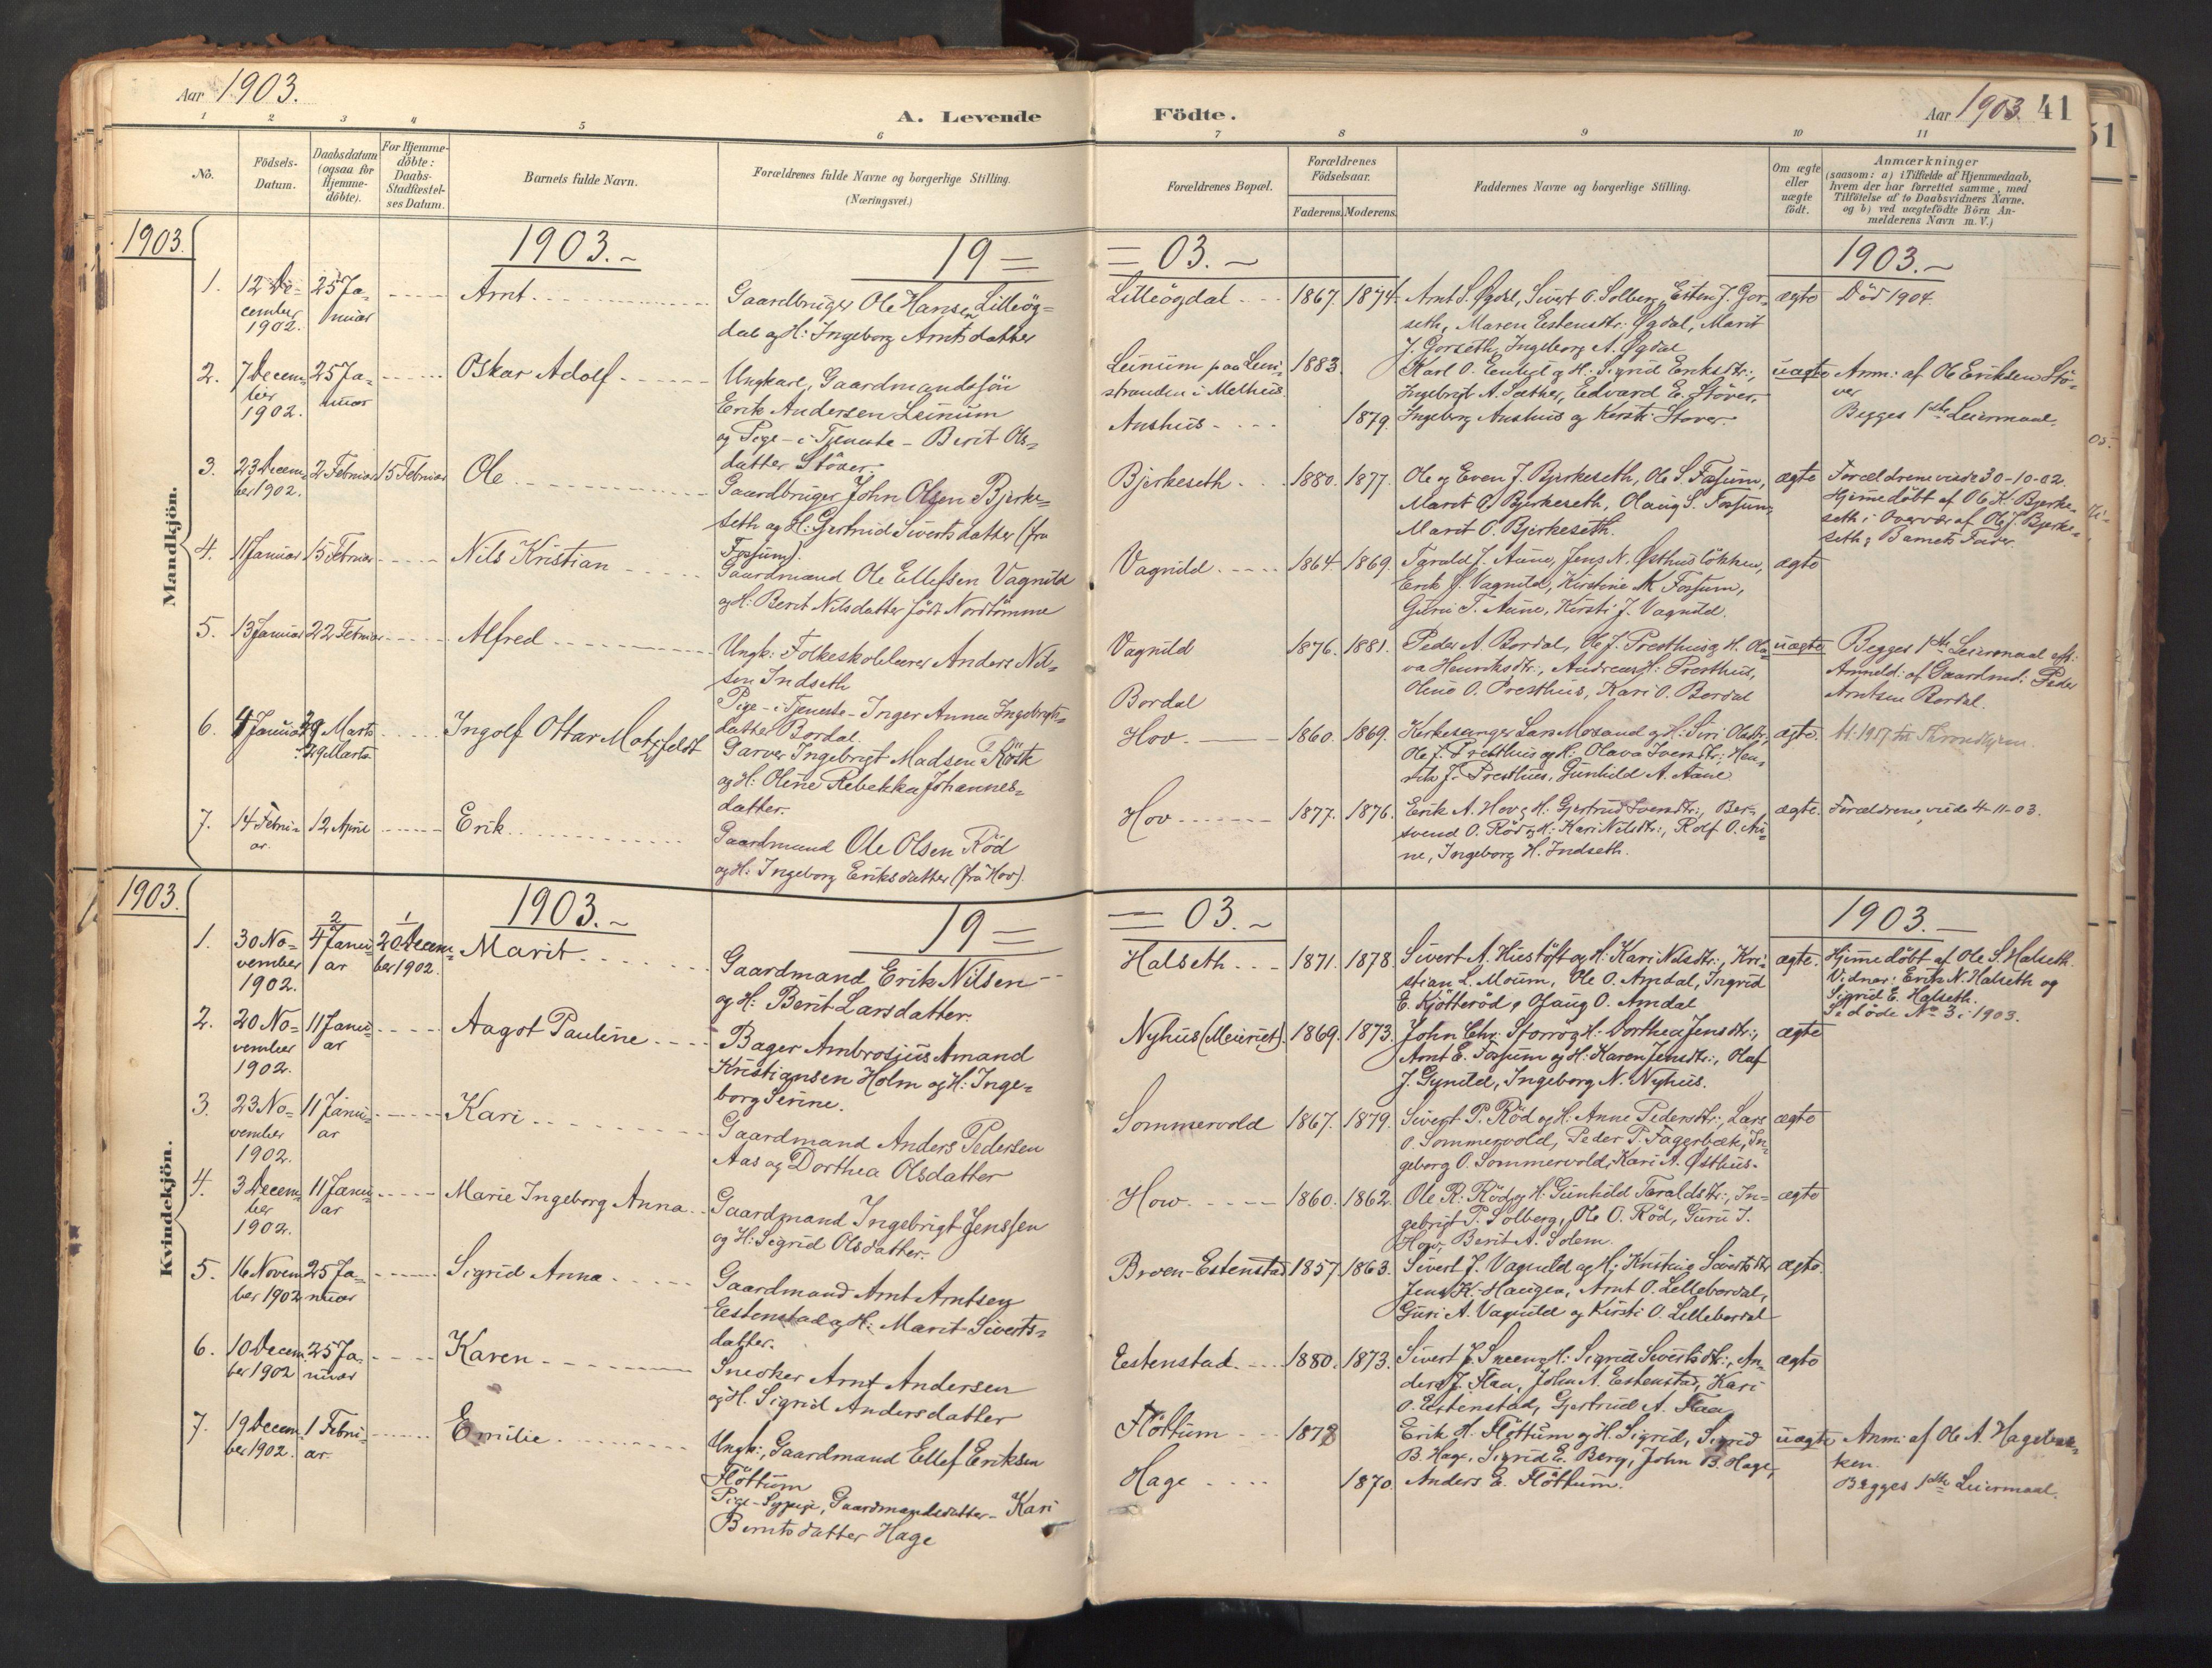 SAT, Ministerialprotokoller, klokkerbøker og fødselsregistre - Sør-Trøndelag, 689/L1041: Ministerialbok nr. 689A06, 1891-1923, s. 41